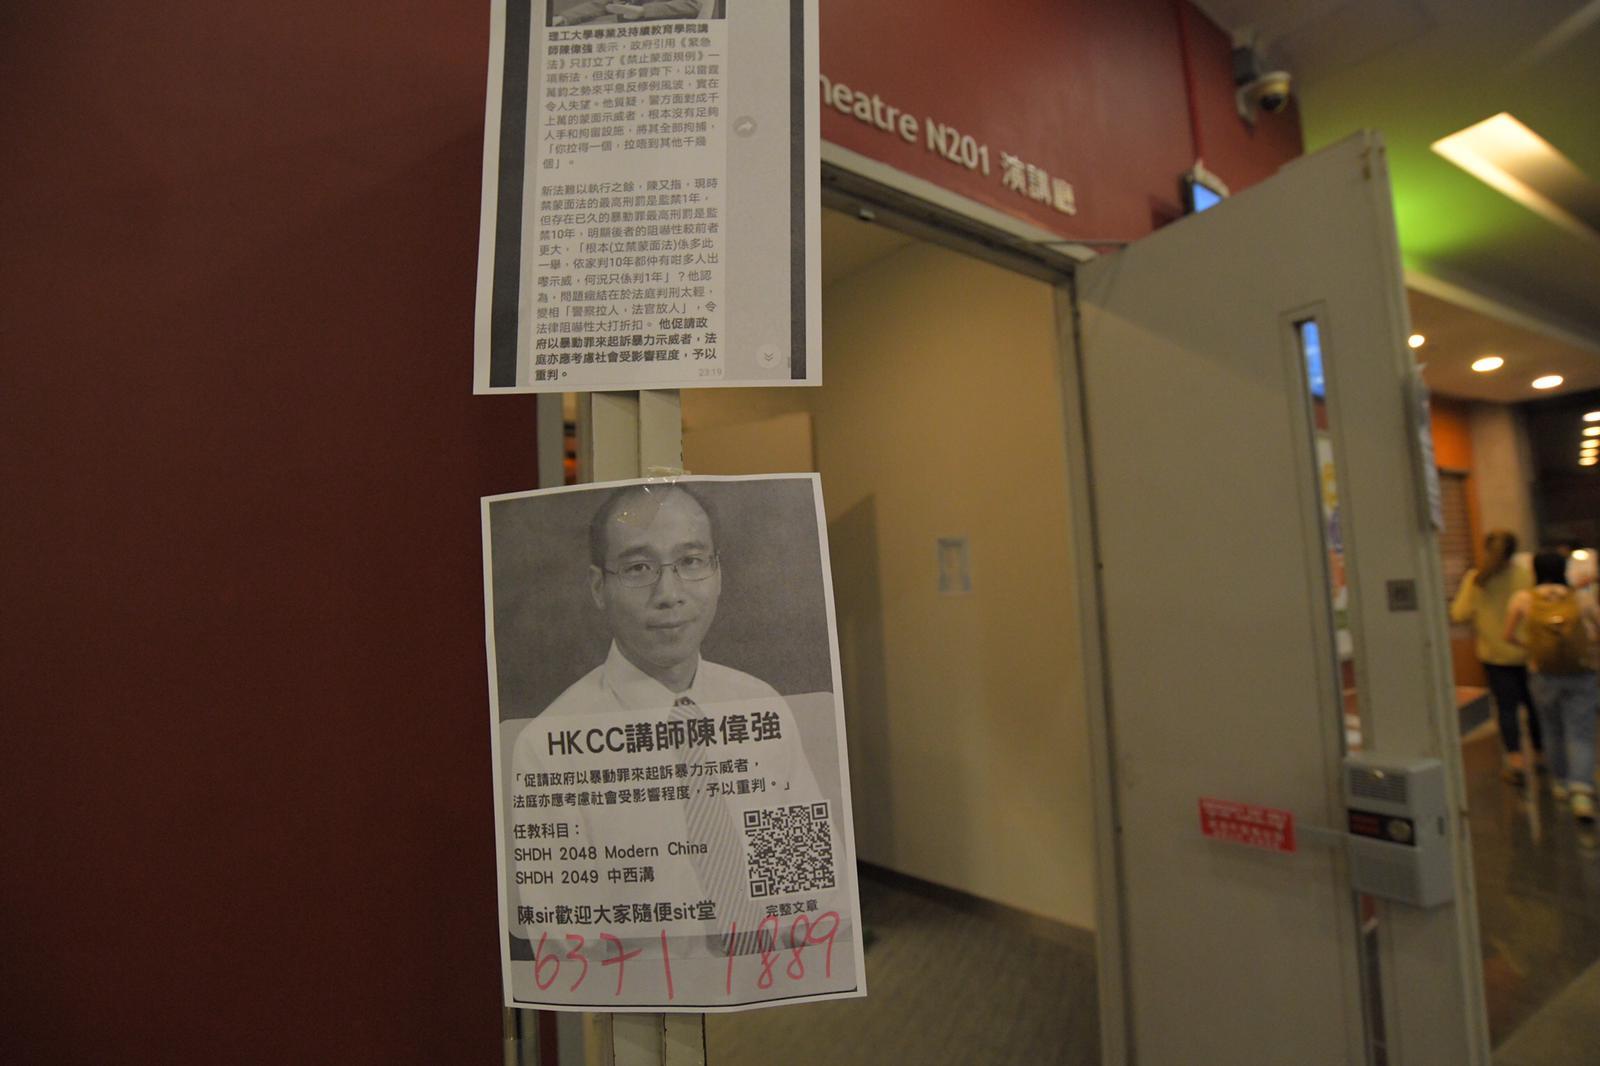 陳偉強昨日被大批學生圍堵指罵。資料圖片